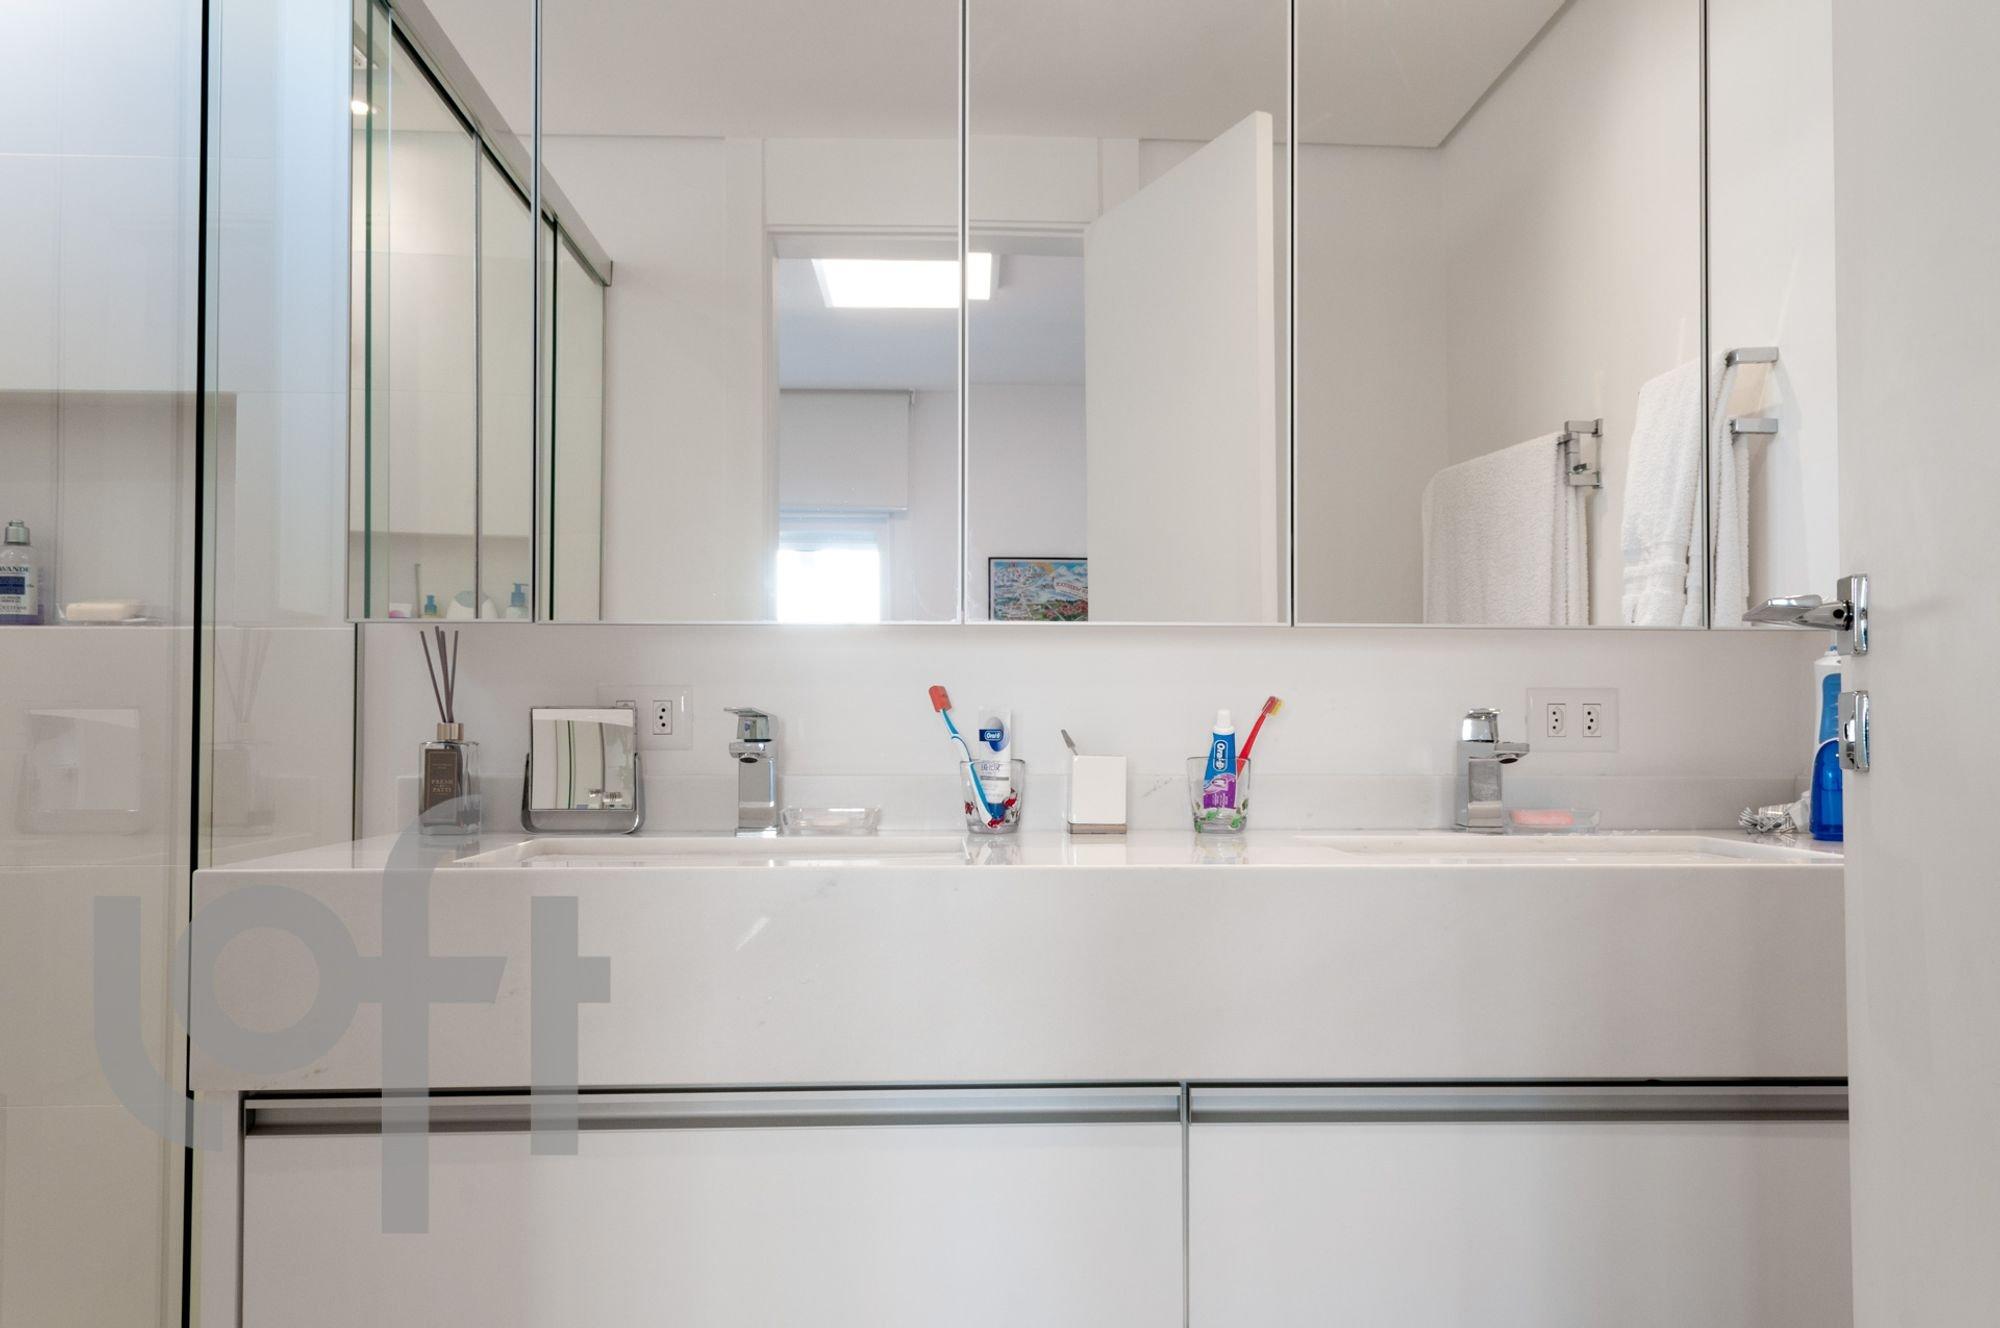 Foto de Banheiro com escova de dente